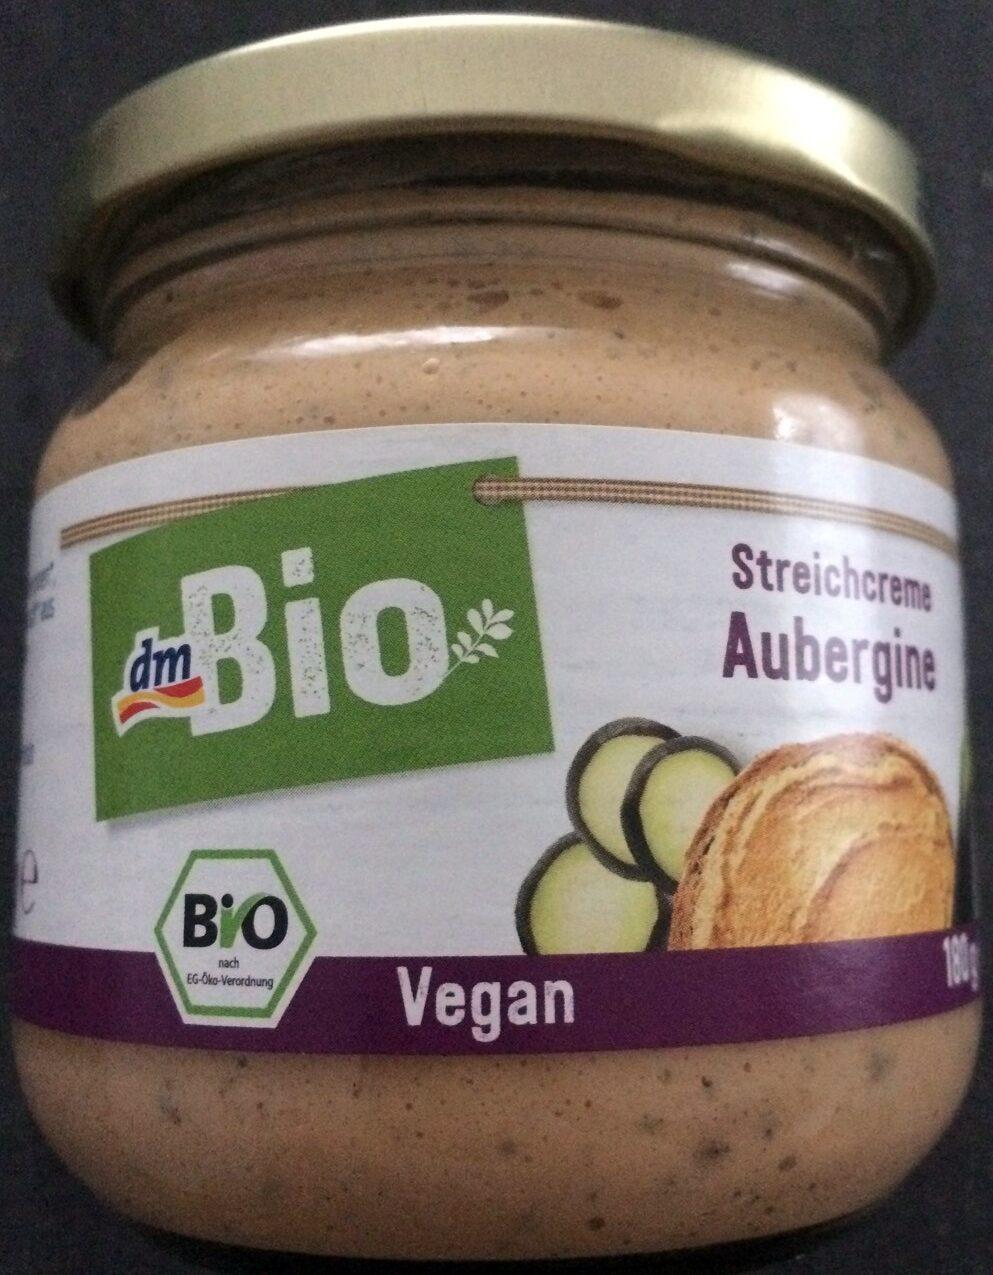 Streichcreme Aubergine - Product